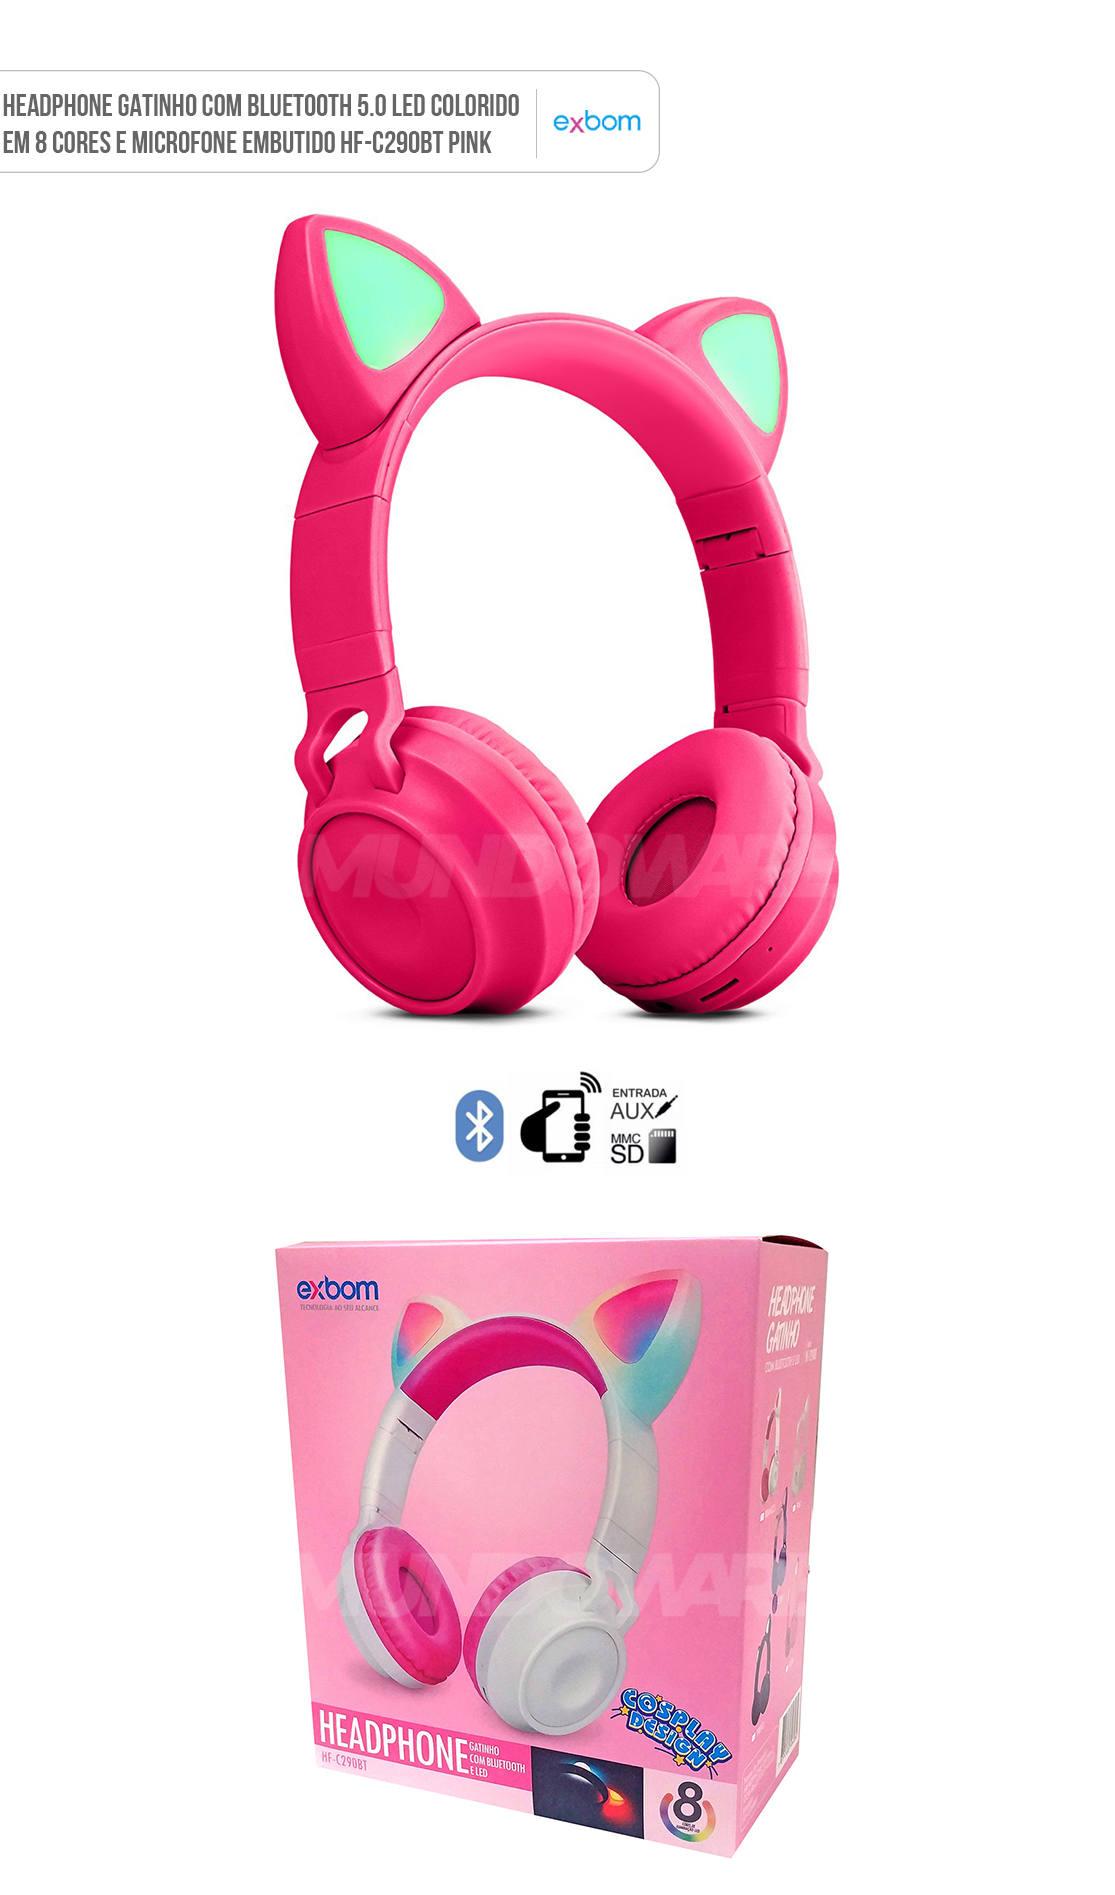 Headphone Gatinho com Bluetooth 5.0 Dobrável Iluminação LED em 8 Cores Microfone Embutido HF-C290BT Pink